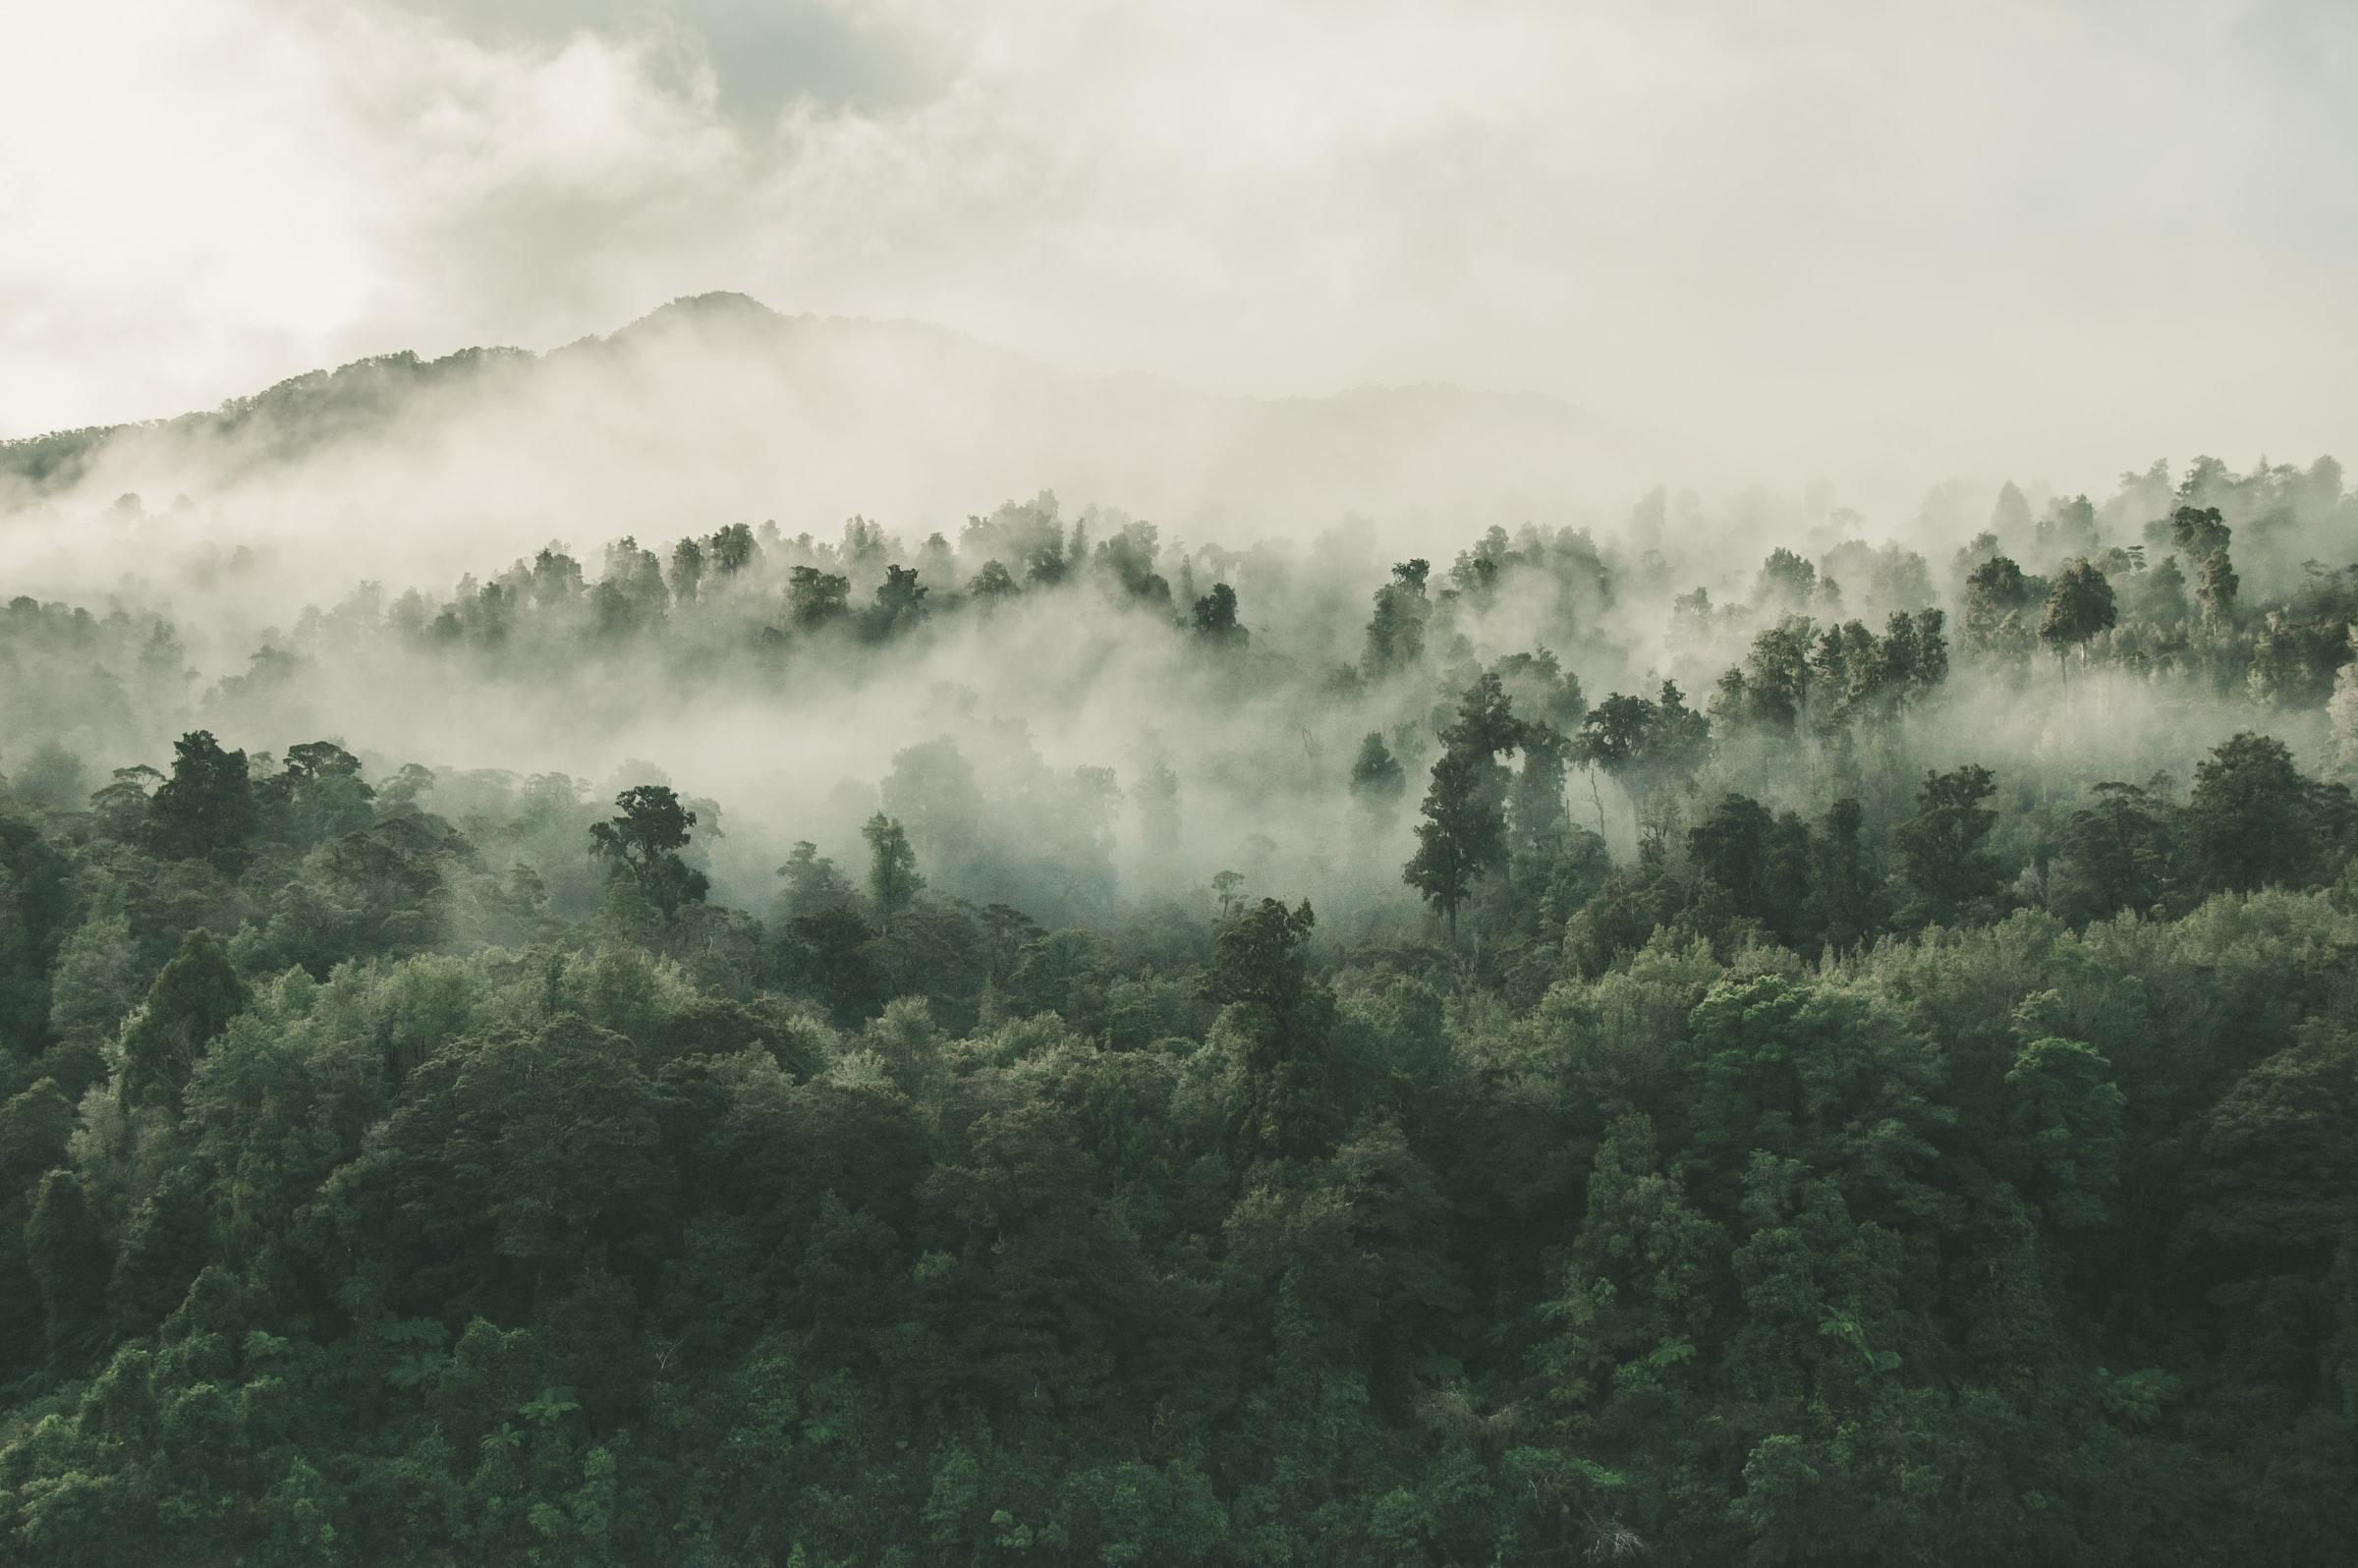 Financiële sector publiceert gids over het tegengaan van ontbossing